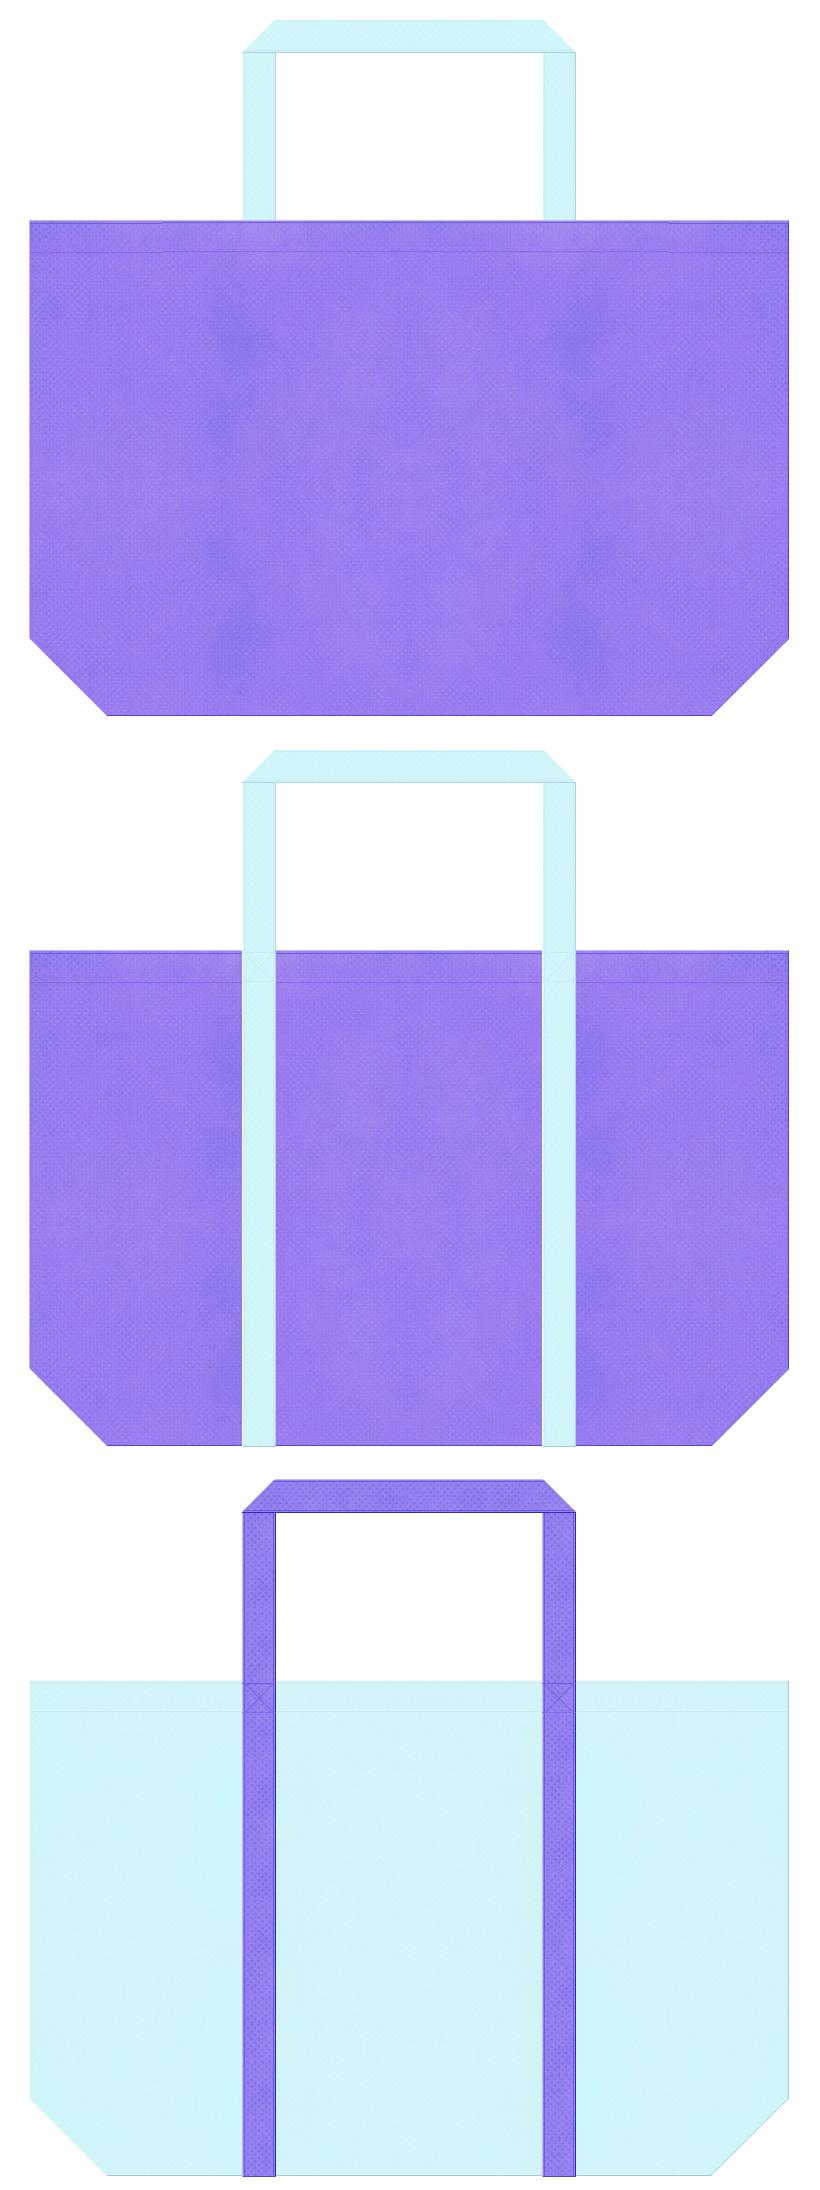 ガーリーデザイン・パステルカラーにお奨めの不織布ショッピングバッグ:薄紫色と水色のデザイン